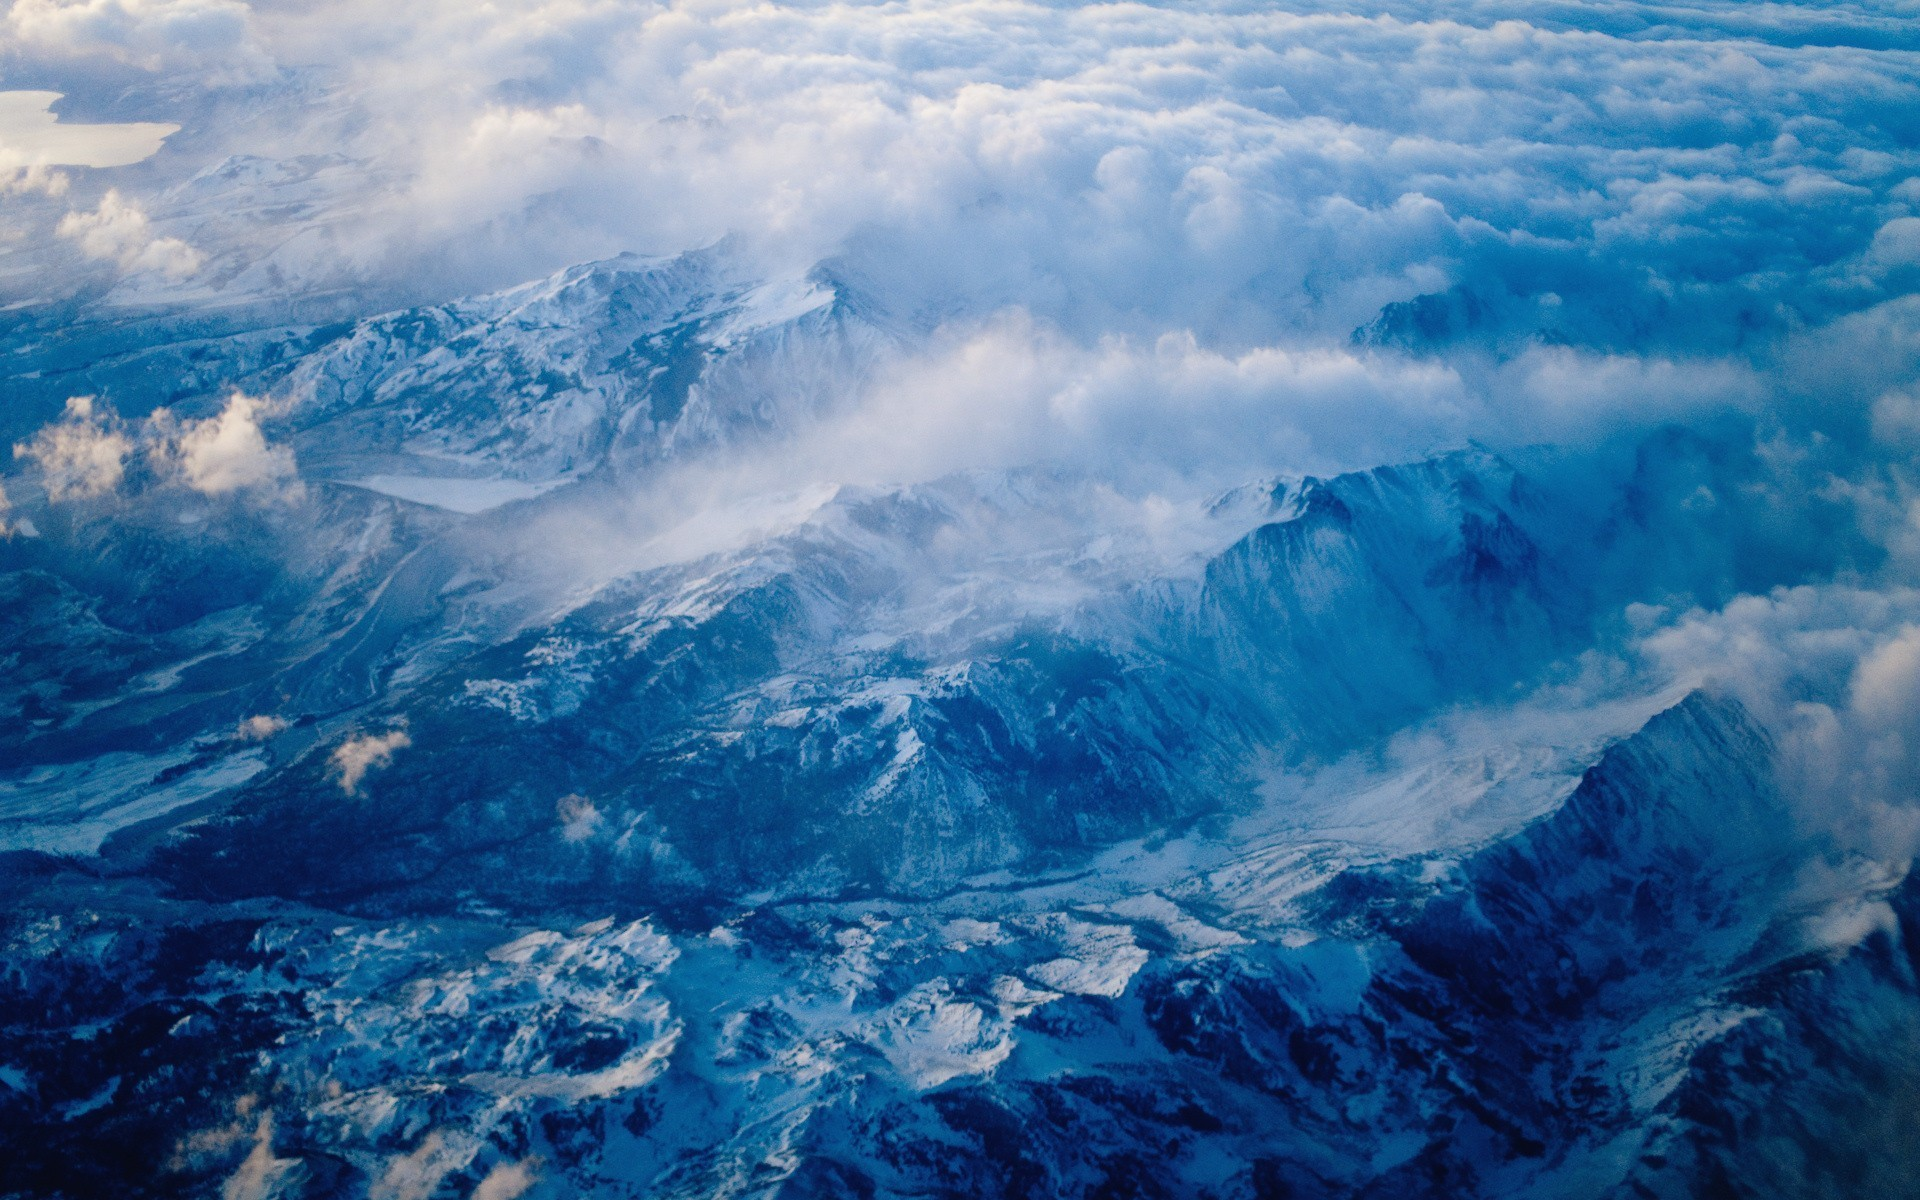 горы скалы небо облака высота природа  № 3352136 загрузить